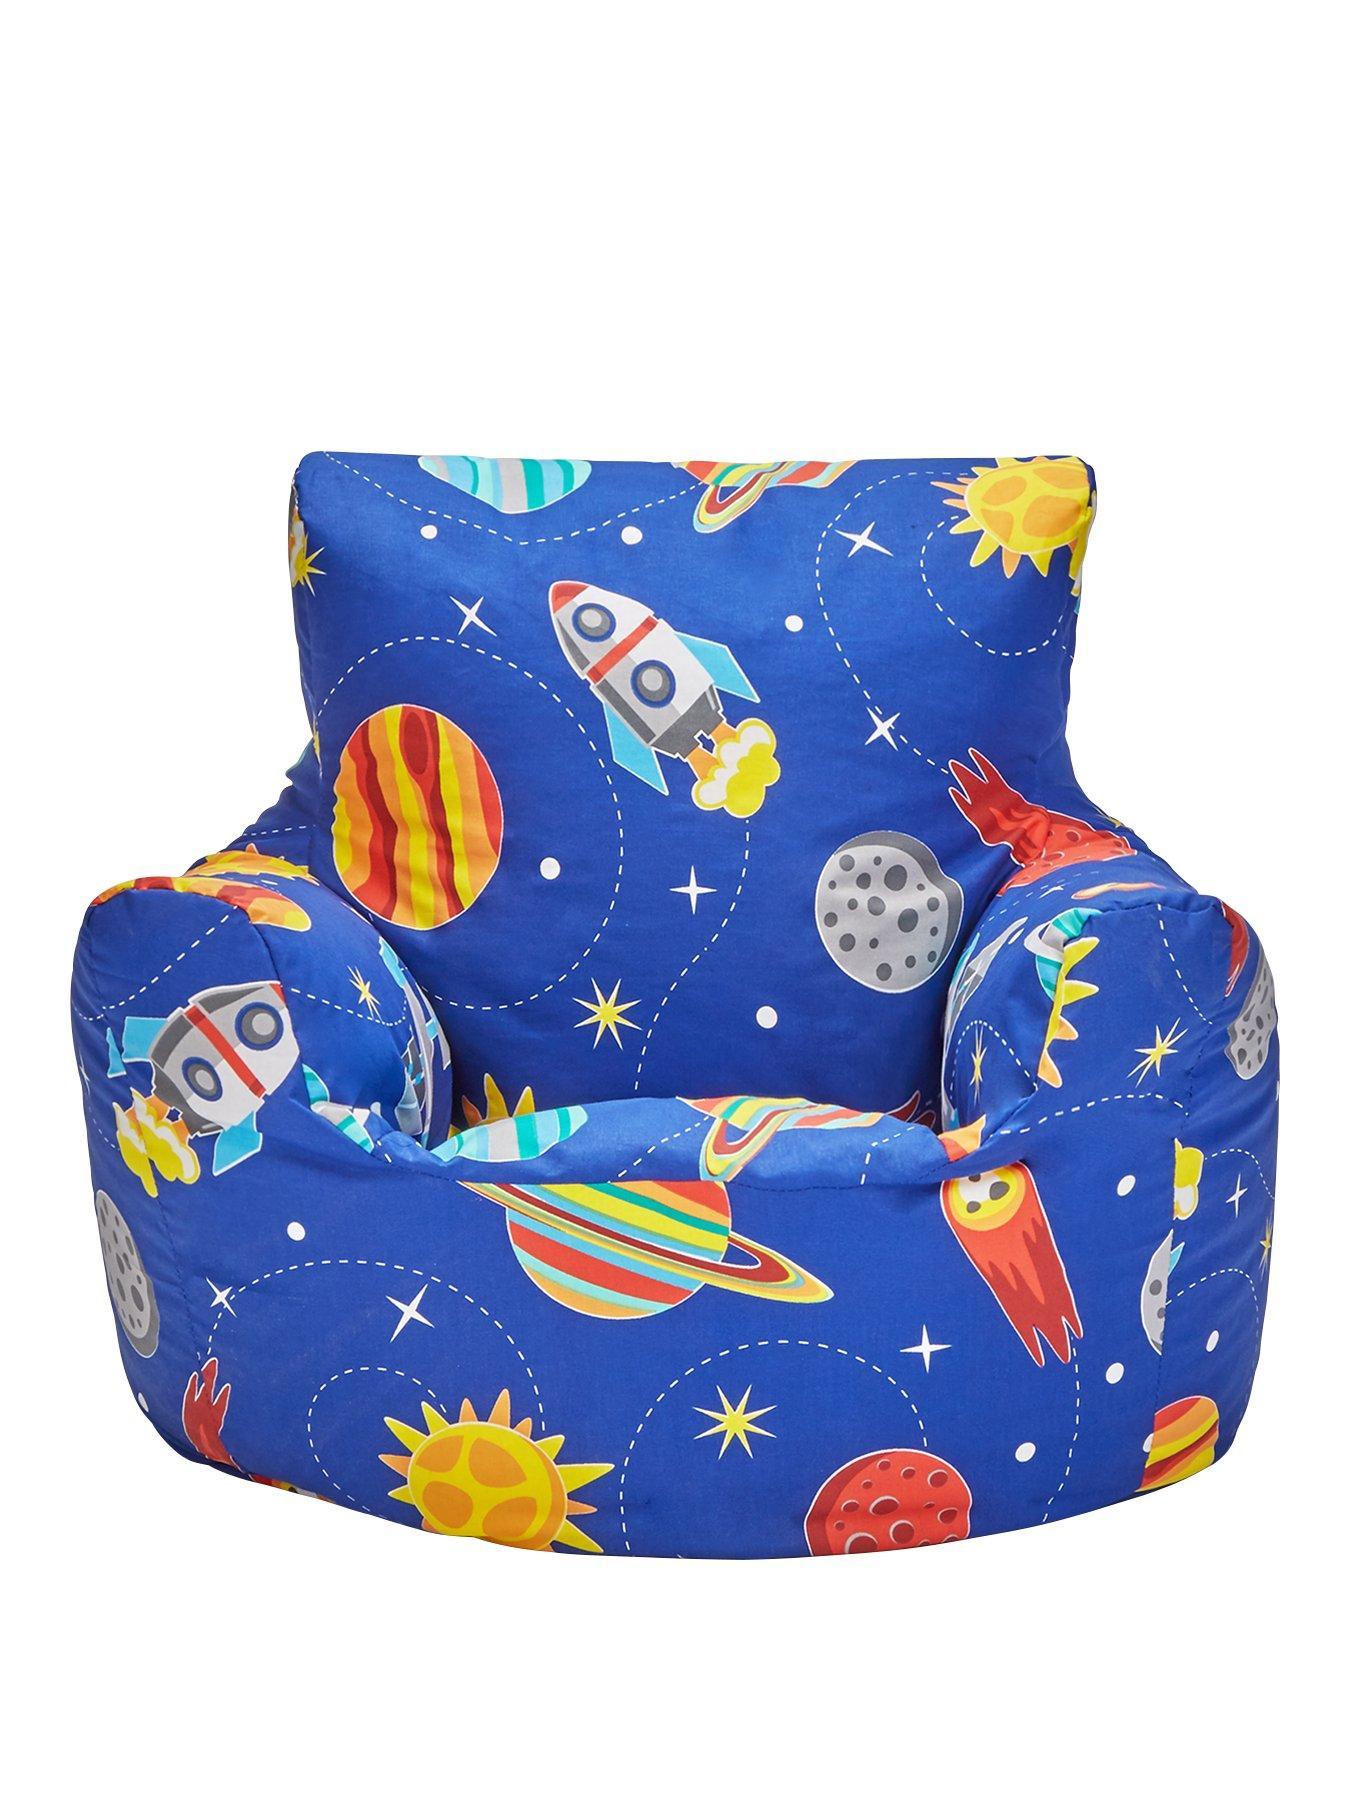 Trolls Bean Bag Chair : trolls, chair, Cotton, Multi-Colour, Trolls